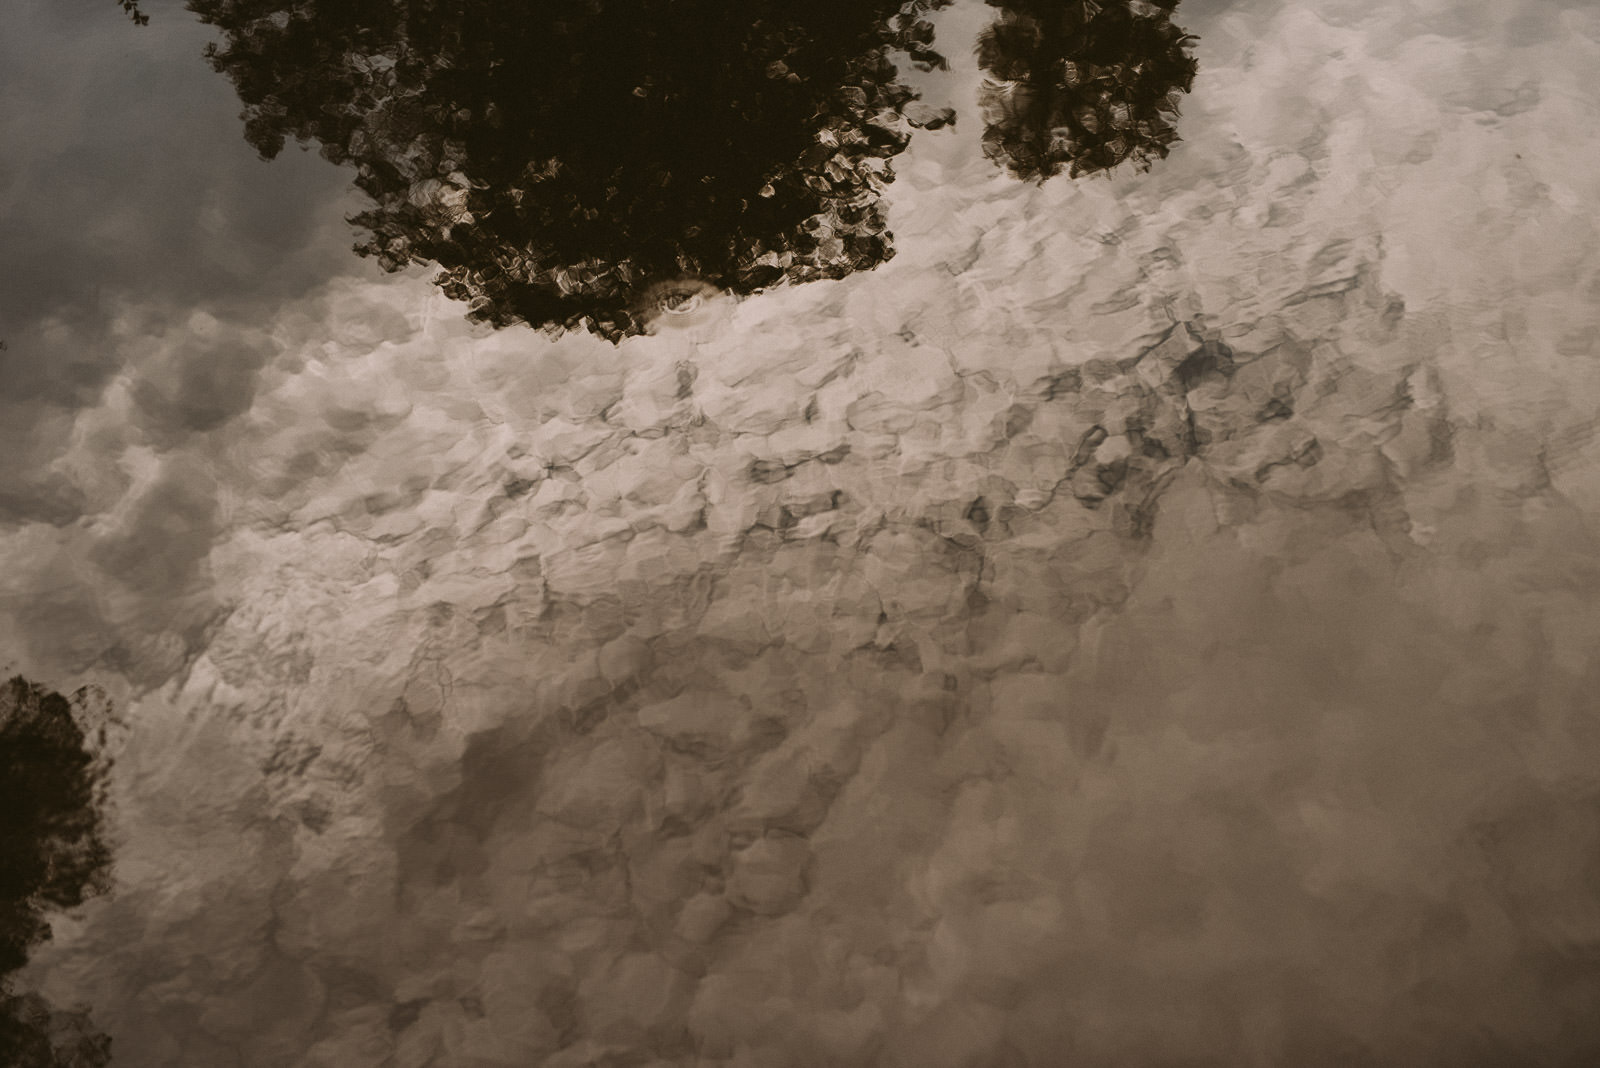 hochzeit-wasserschloss-unsleben-hochzeitsfotograf-083